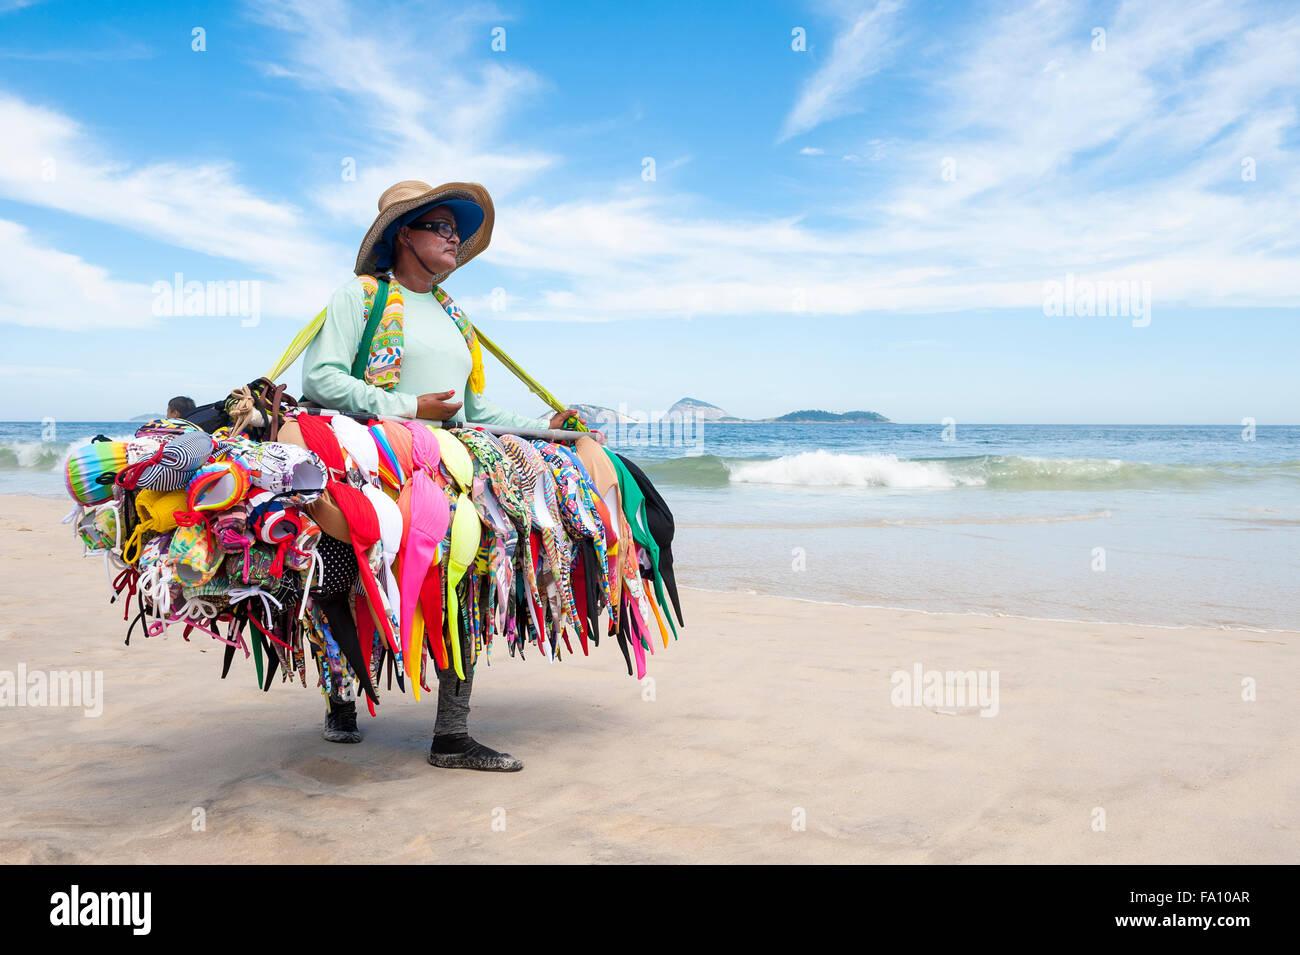 RIO DE JANEIRO, Brésil - 15 mars 2015: une plage bikinis vente du vendeur porte sa marchandise le long Photo Stock